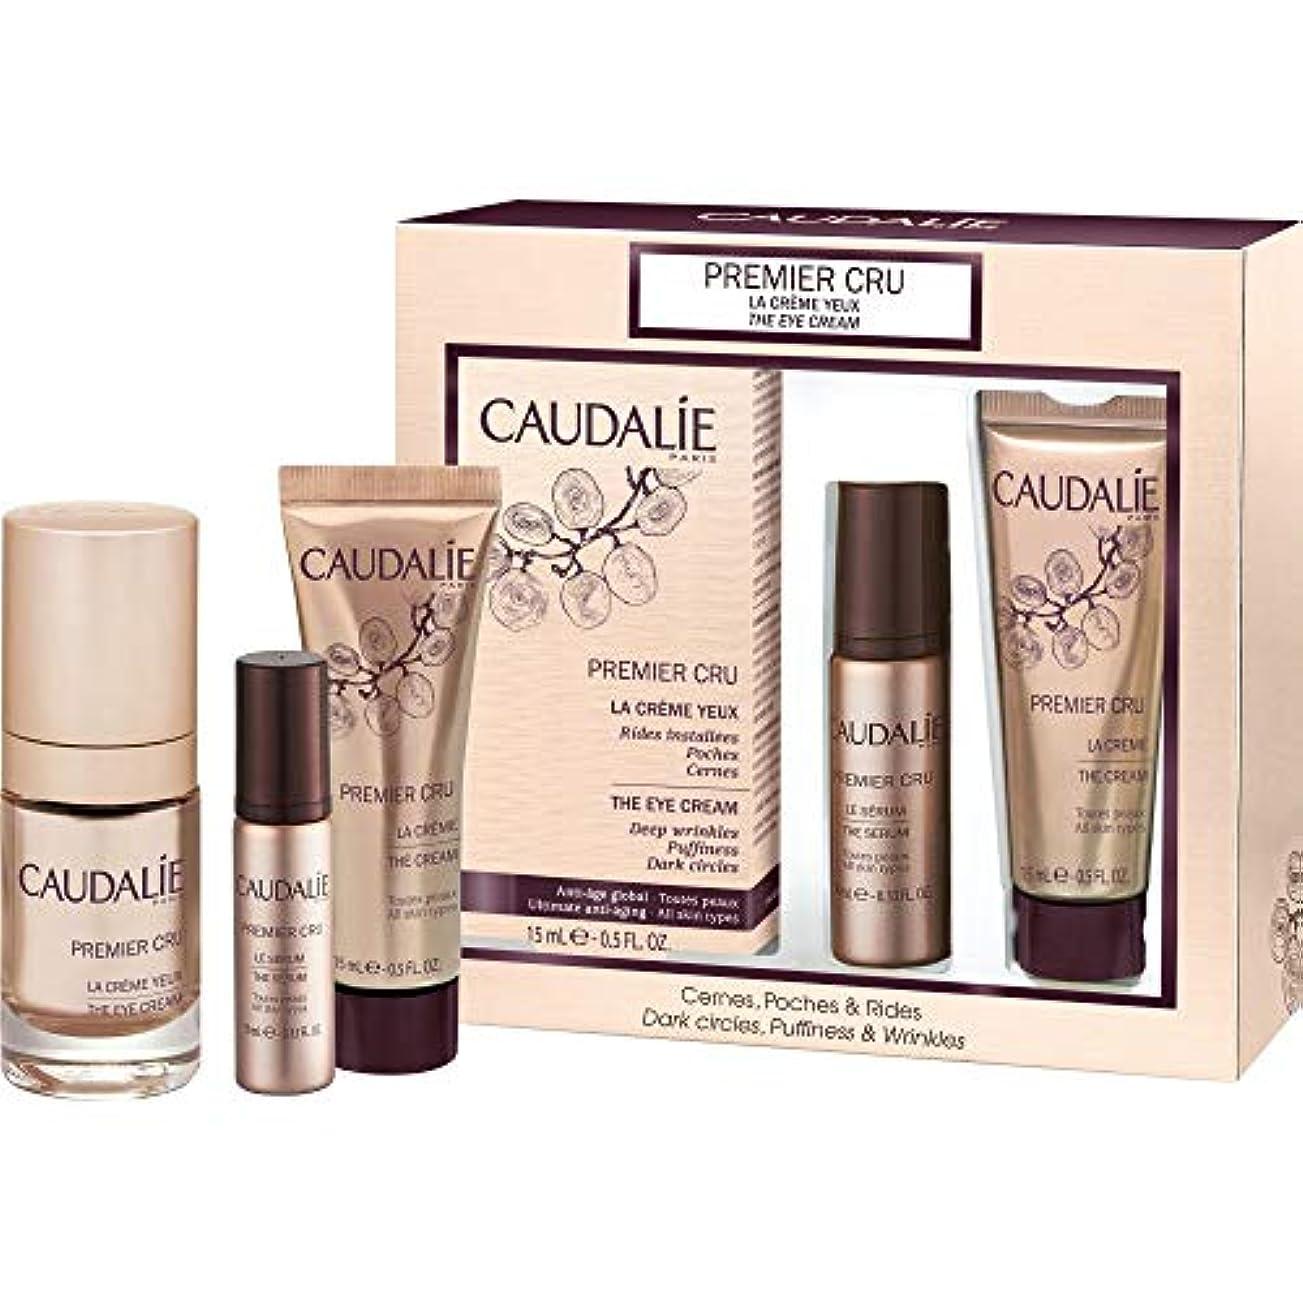 殺人困惑極端な[Caudalie] コーダリープレミアは、アイクリーム15ミリリットルのギフトセットをCru - Caudalie Premier Cru The Eye Cream 15ml Gift Set [並行輸入品]